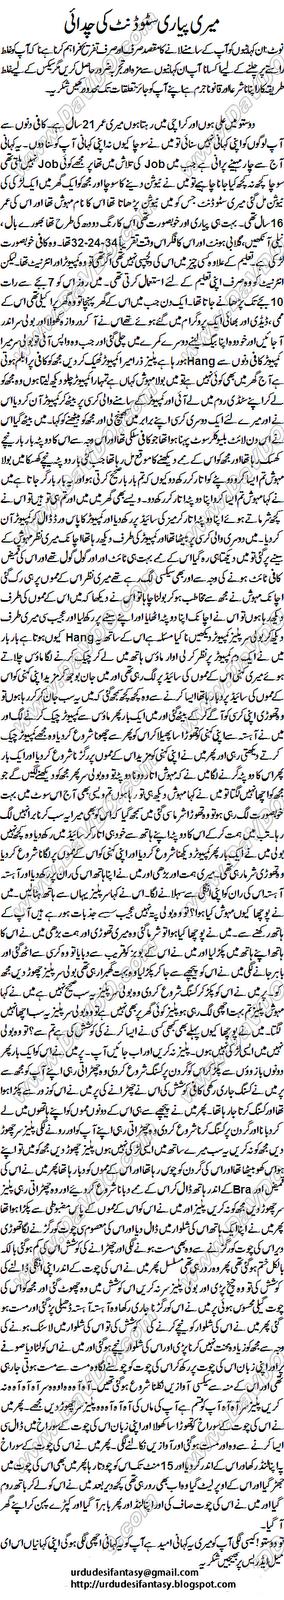 Urdu Front Sex Stories